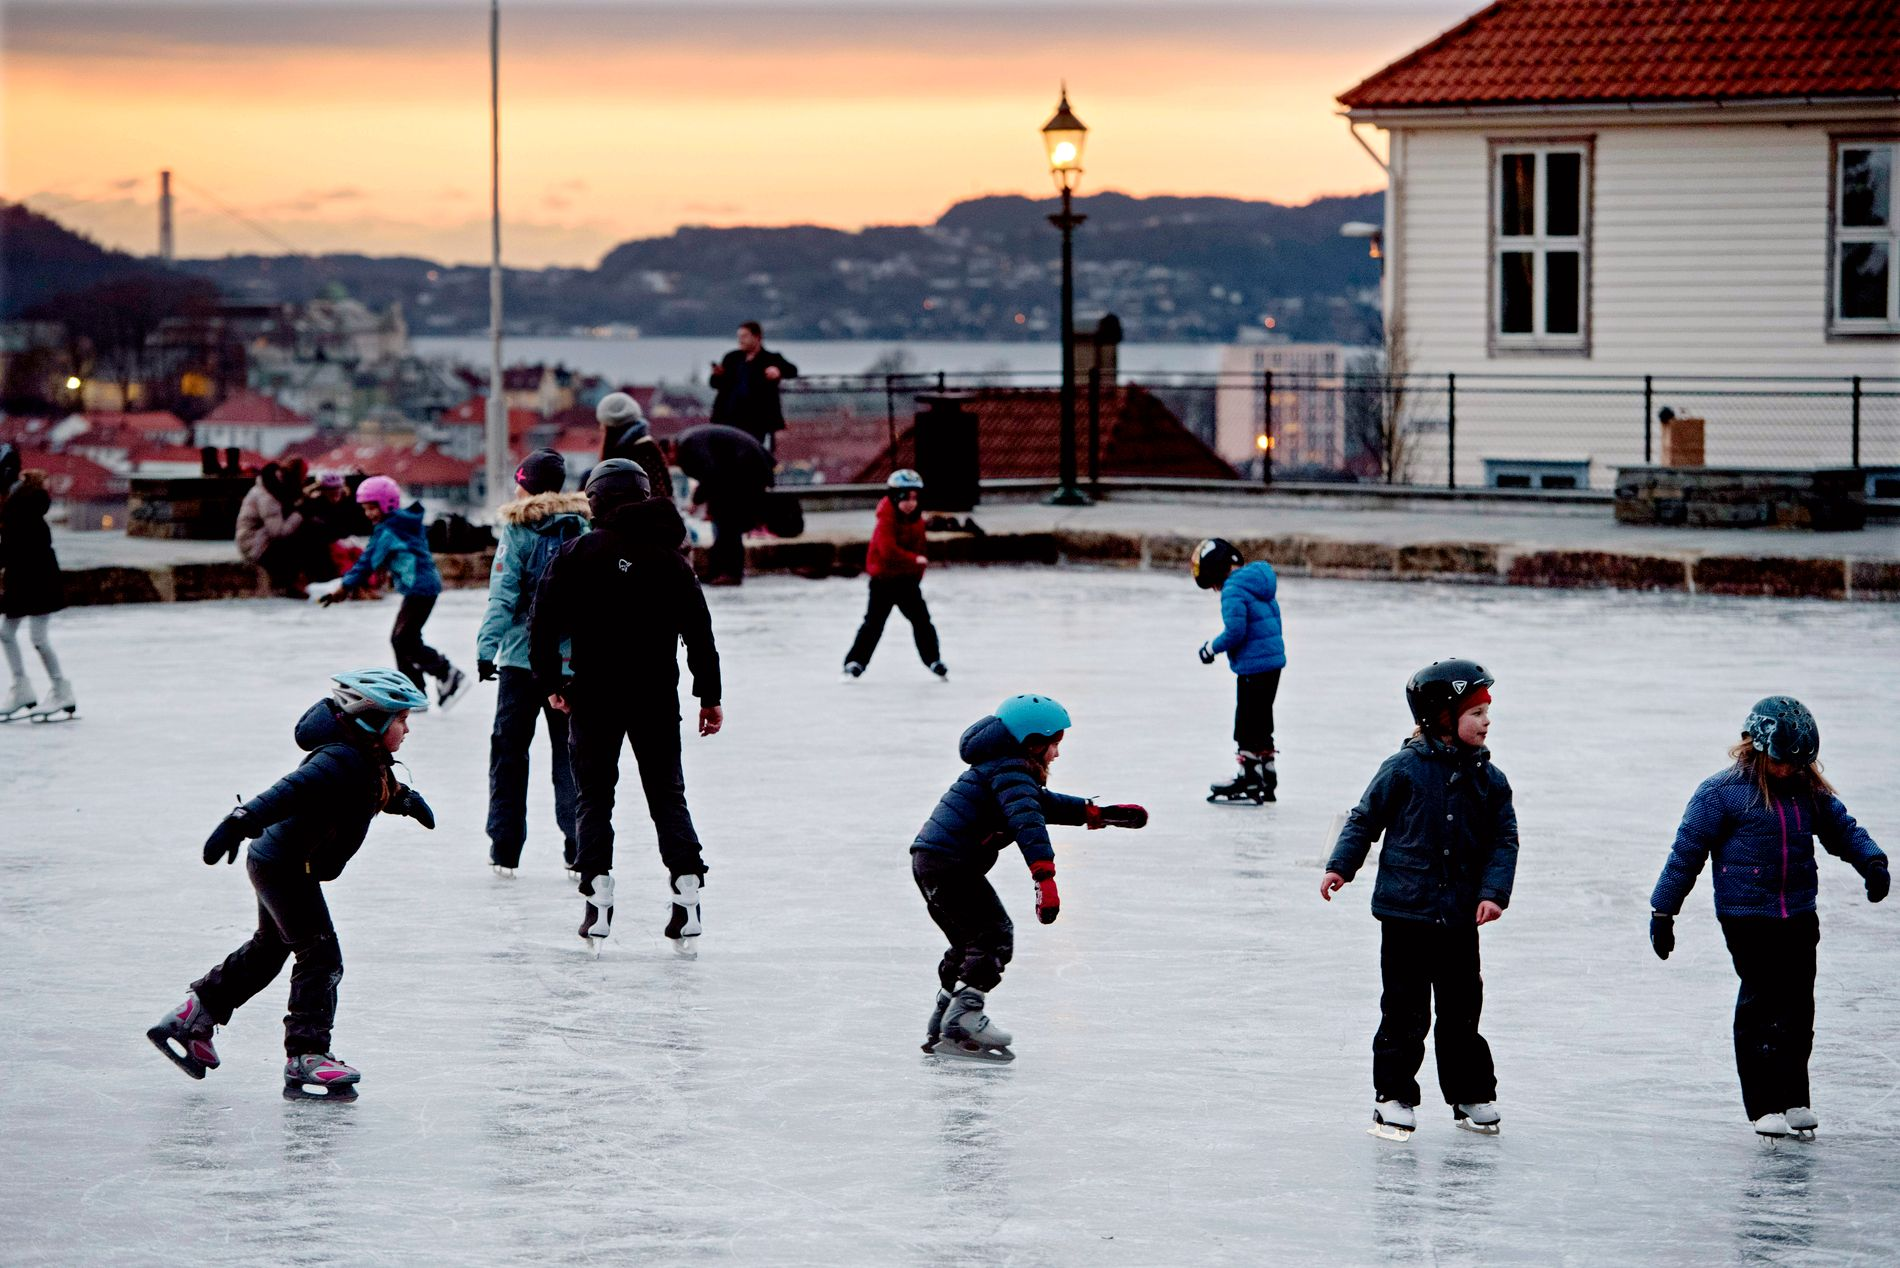 GRATIS: Skøyter er en aktivitet som kan være like morsom for både barn og voksne, skriver innsender. På Skansedammen er det full aktivitet på fine vinterdager.